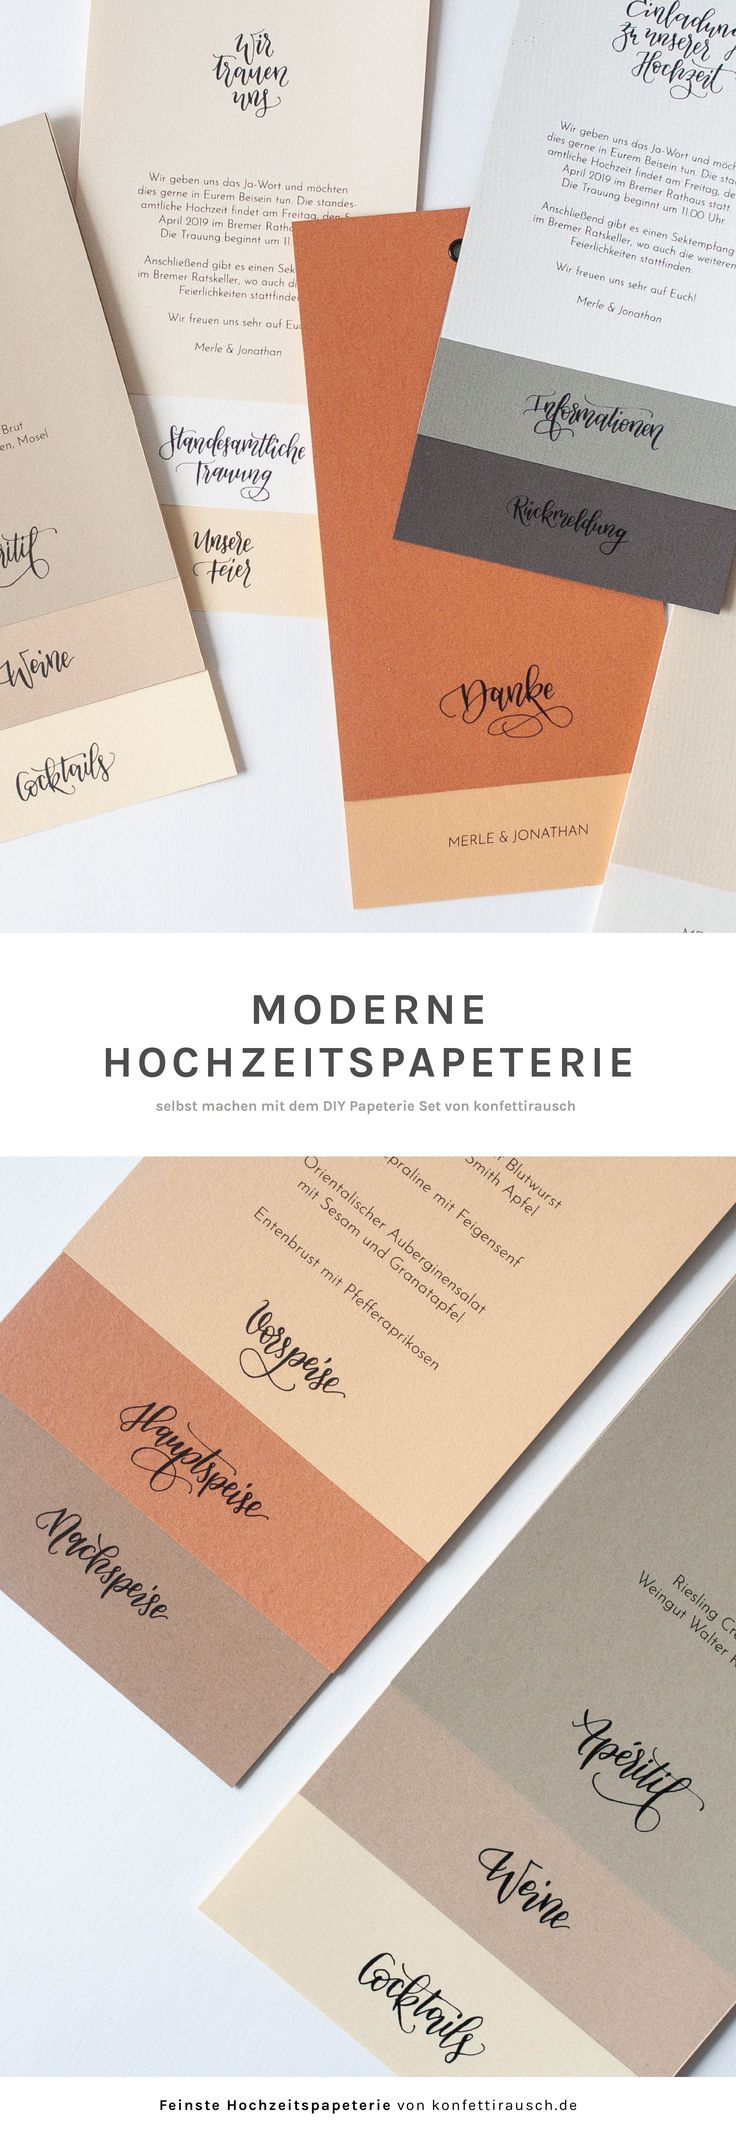 Hochzeitspapeterie selbst machen mit schöner Kalligrafie aus dem DIY Set